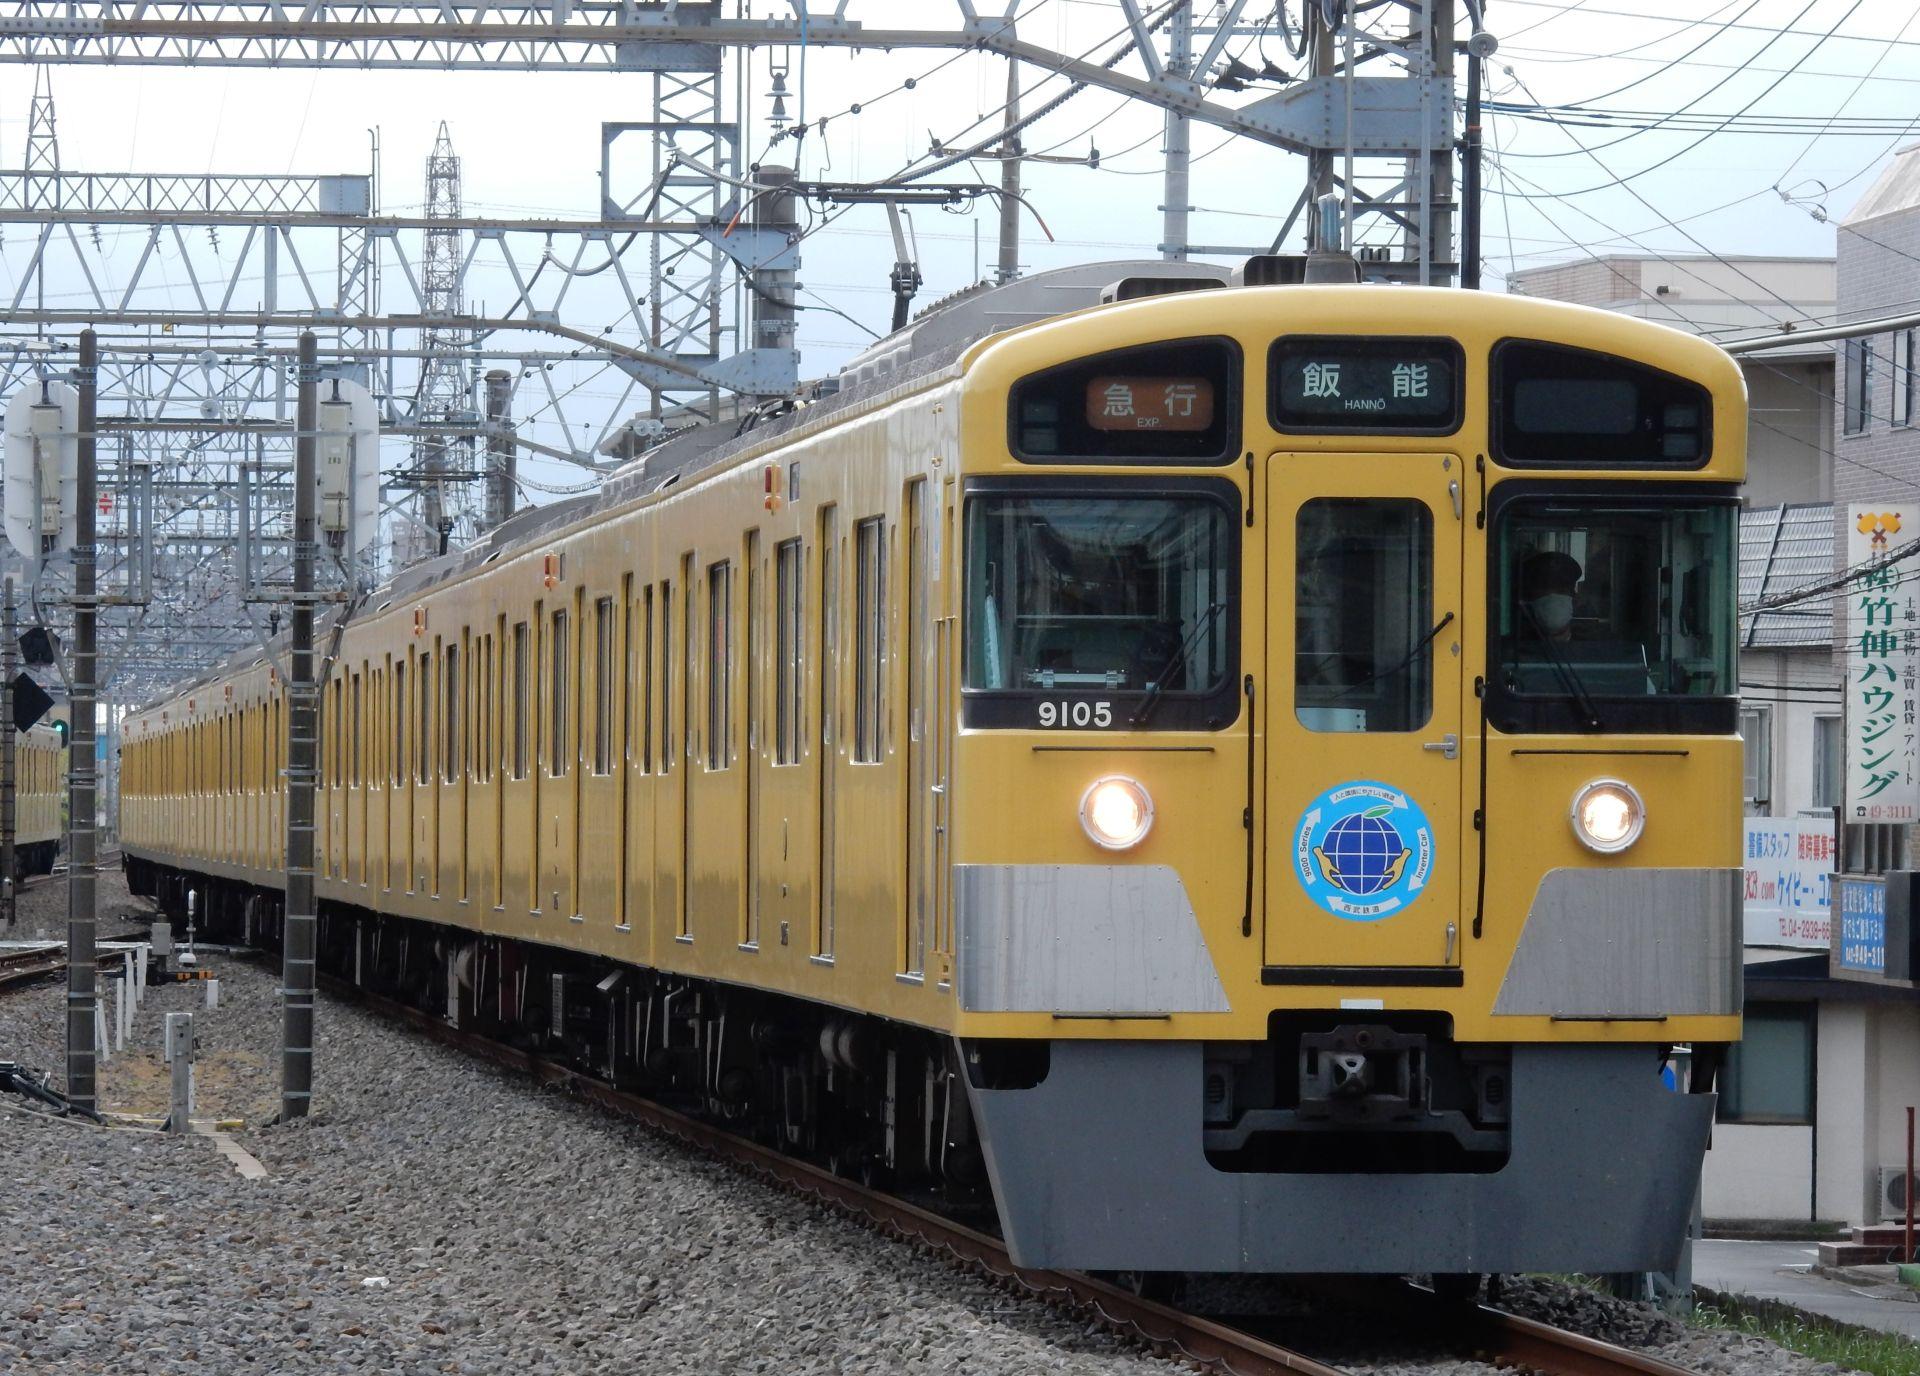 DSCN7243 - コピー